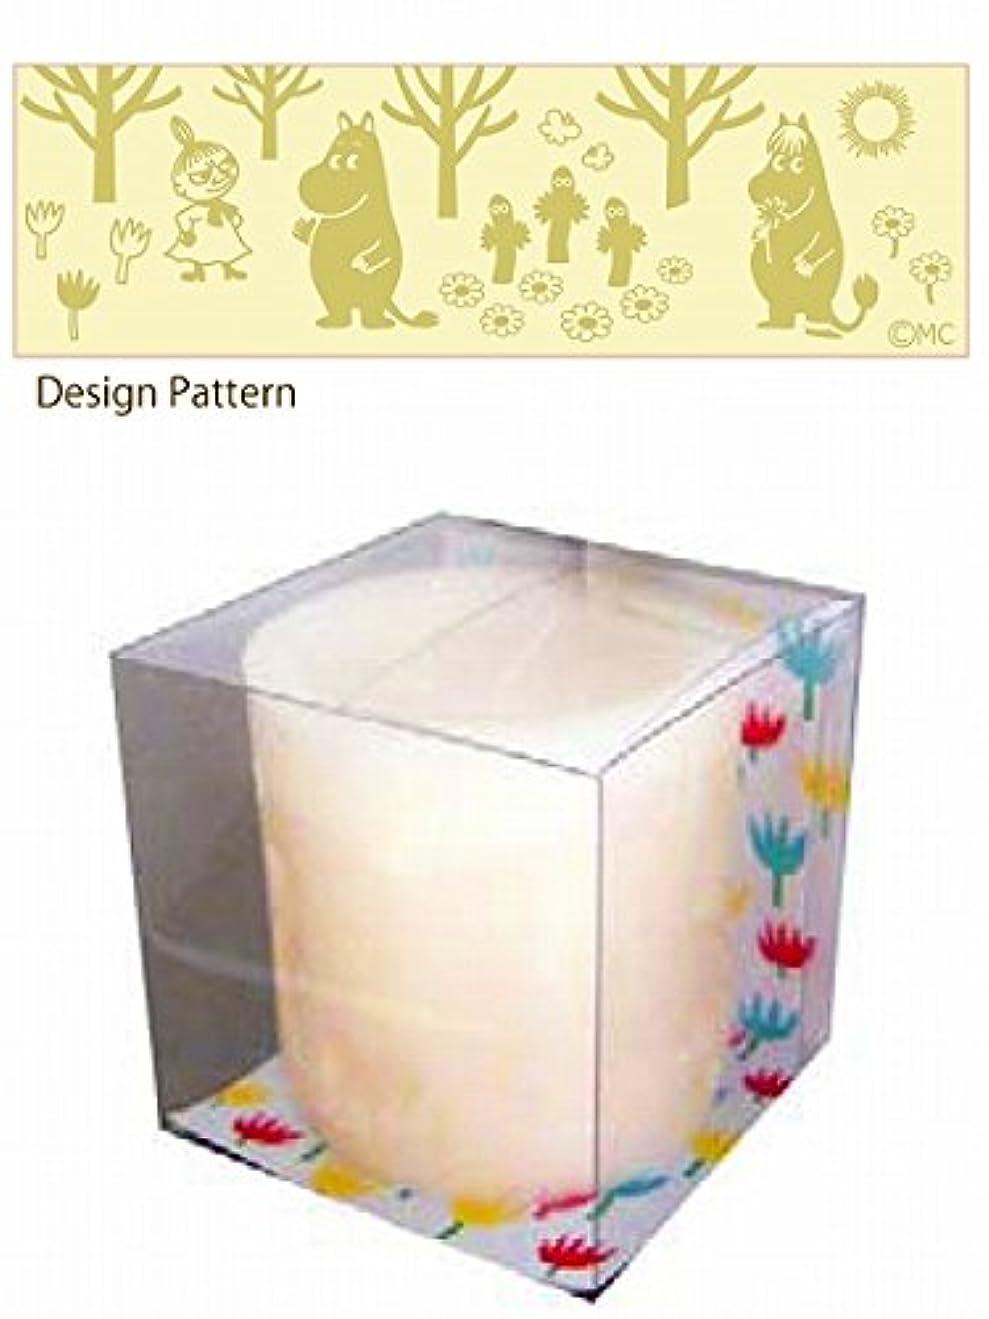 オーブンインデックス絶対のカメヤマキャンドル(kameyama candle) ムーミン LEDキャンドル 「 フォレスト 」